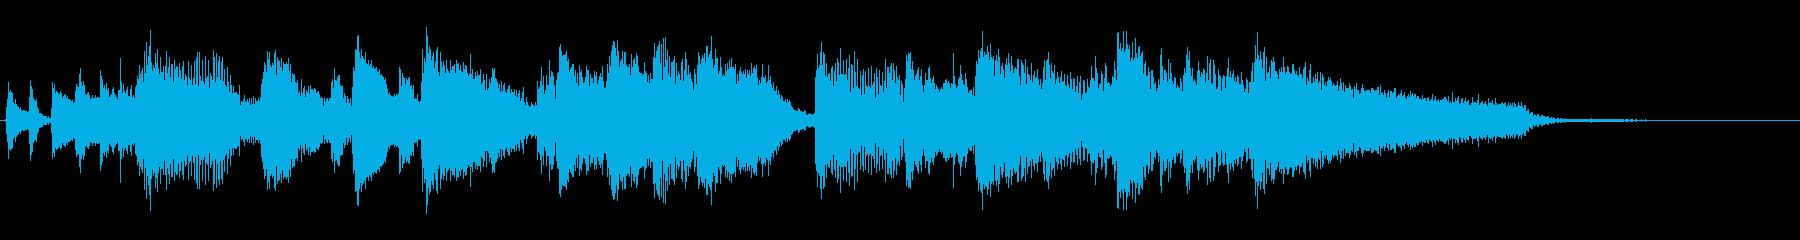 アイキャッチ向け、ジャズピアノのジングルの再生済みの波形